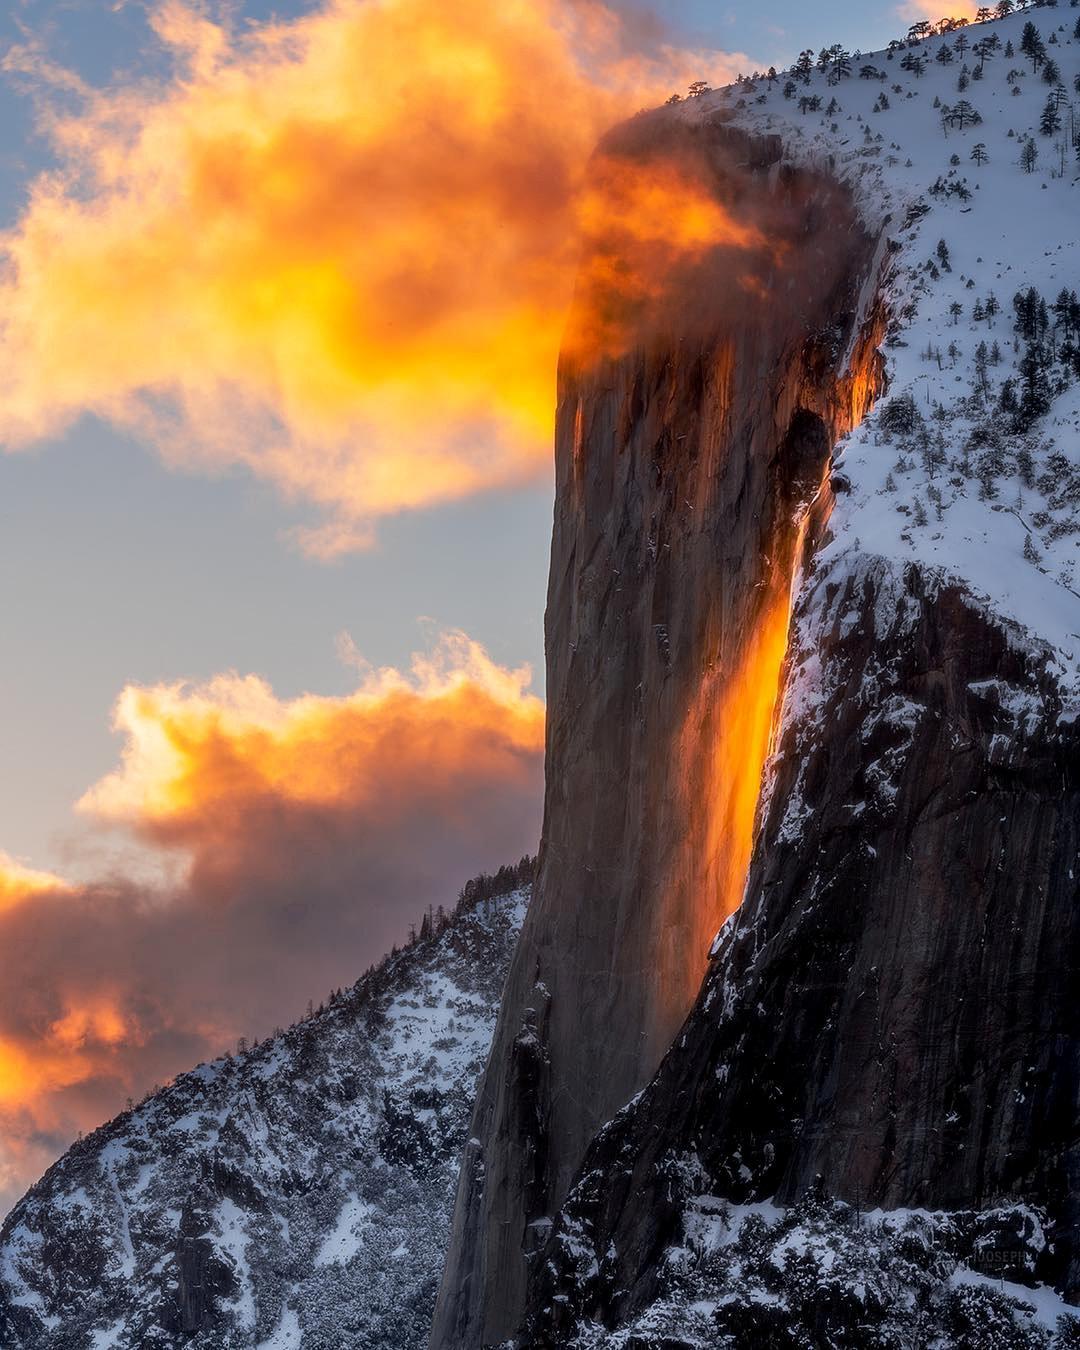 Παρασκευή, 22 Φεβρουαρίου, ΗΠΑ. Εντυπωσιακό ηλιοβασίλεμα στο Πάρκο Γιόσεμιτ, στην Καλιφόρνια